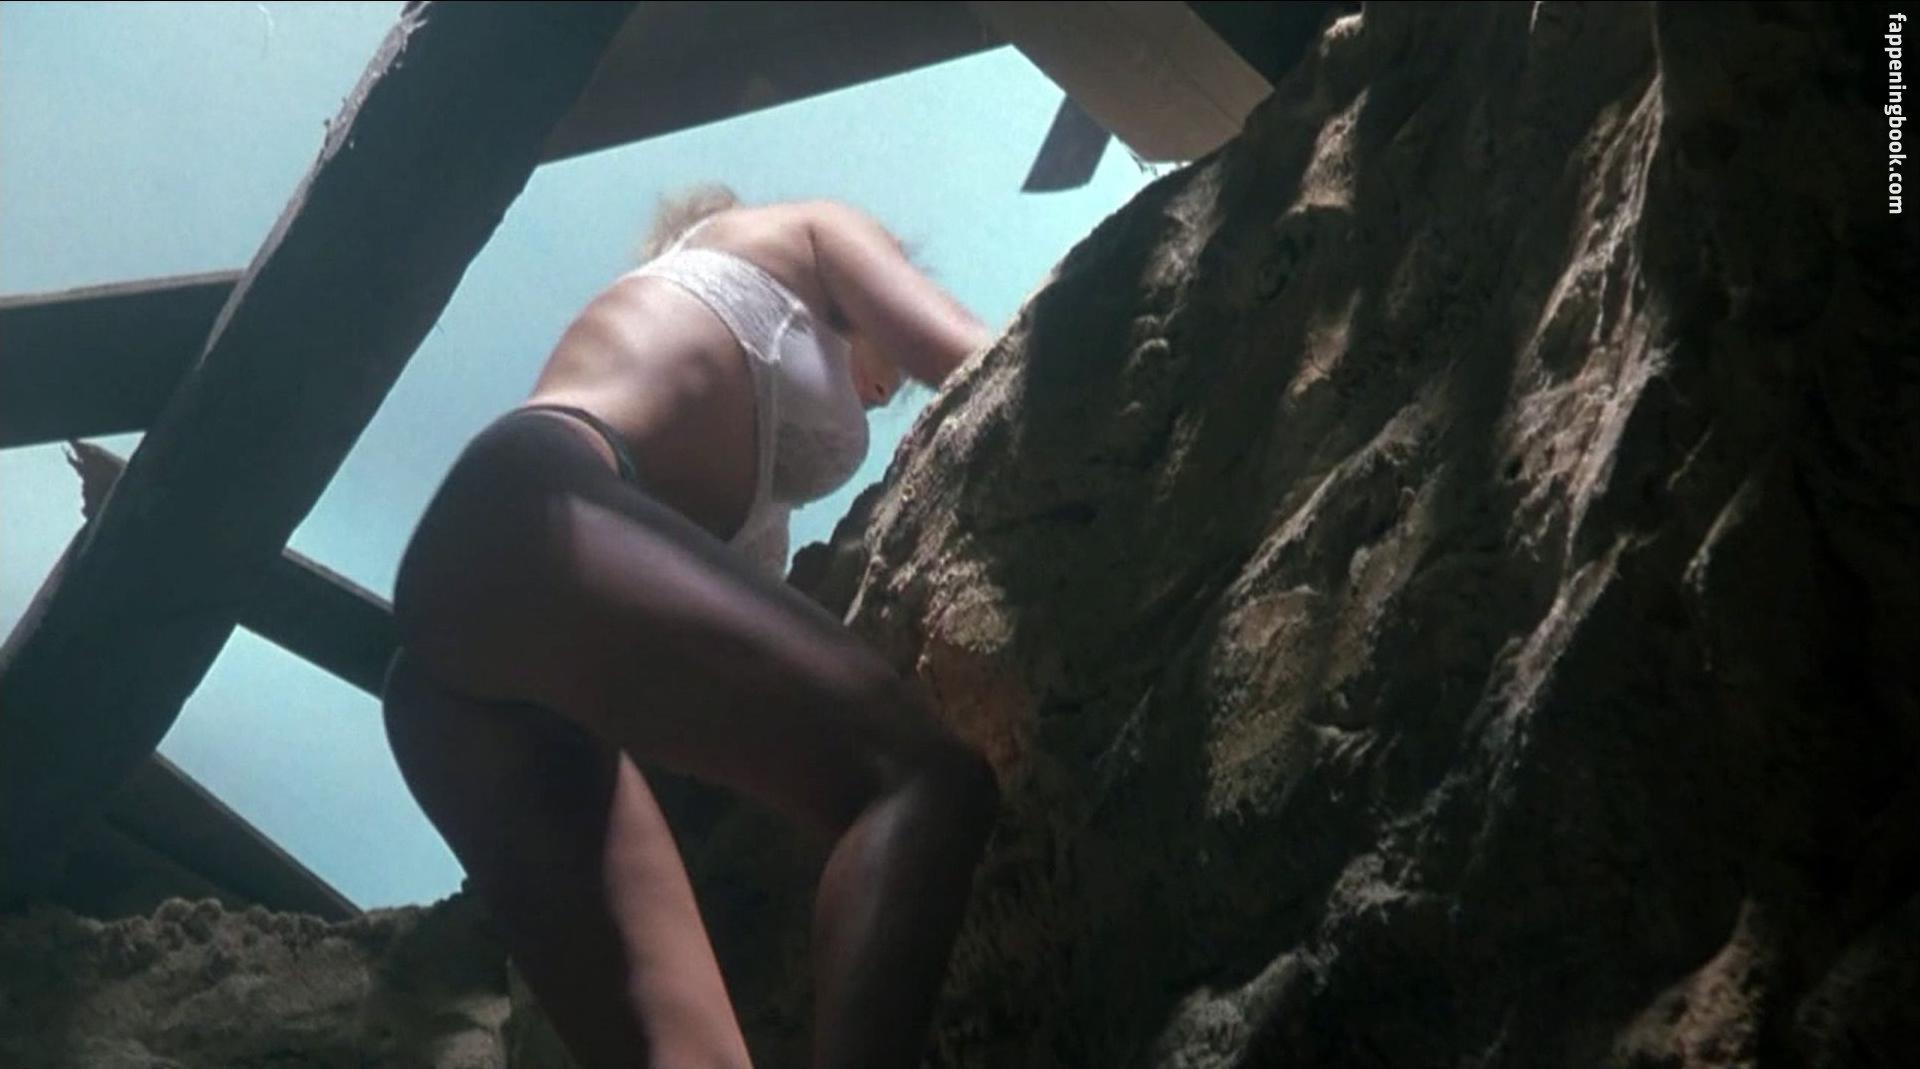 Erika Eleniak Nude